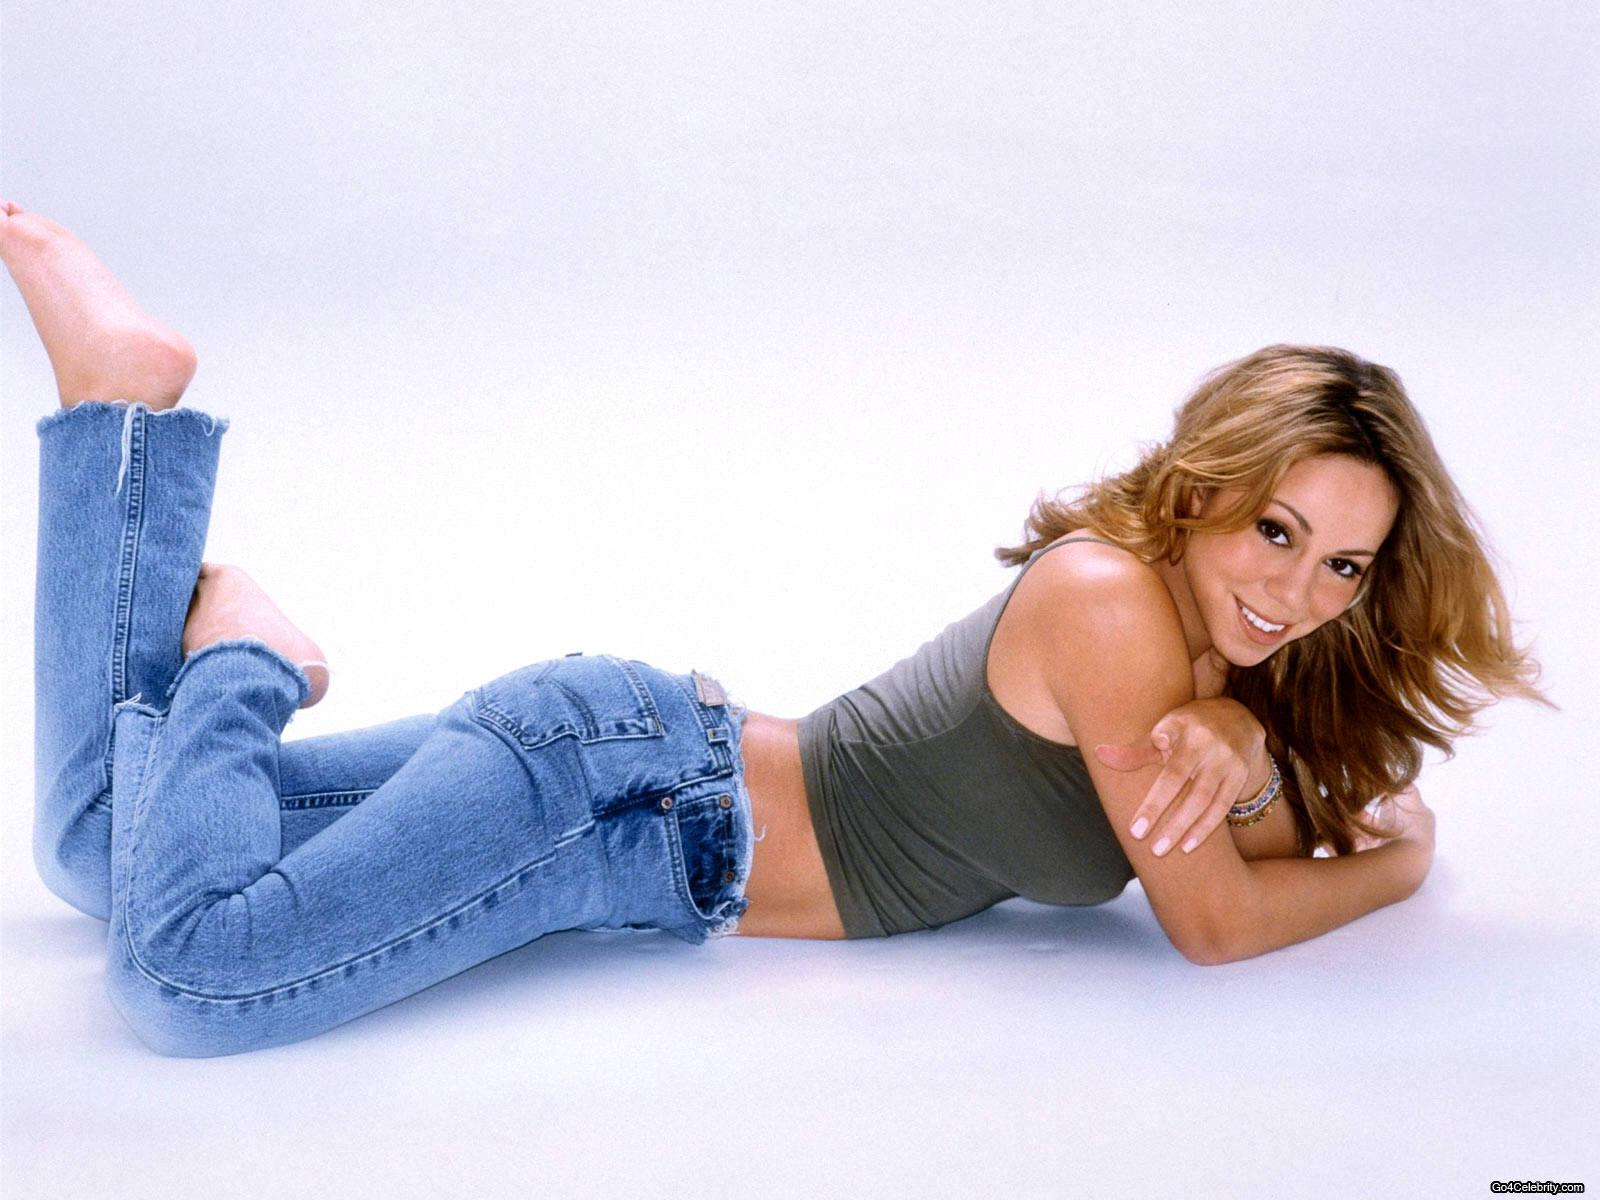 Mariah Carey - Mariah Carey Wallpaper (583142) - Fanpop Mariah Carey